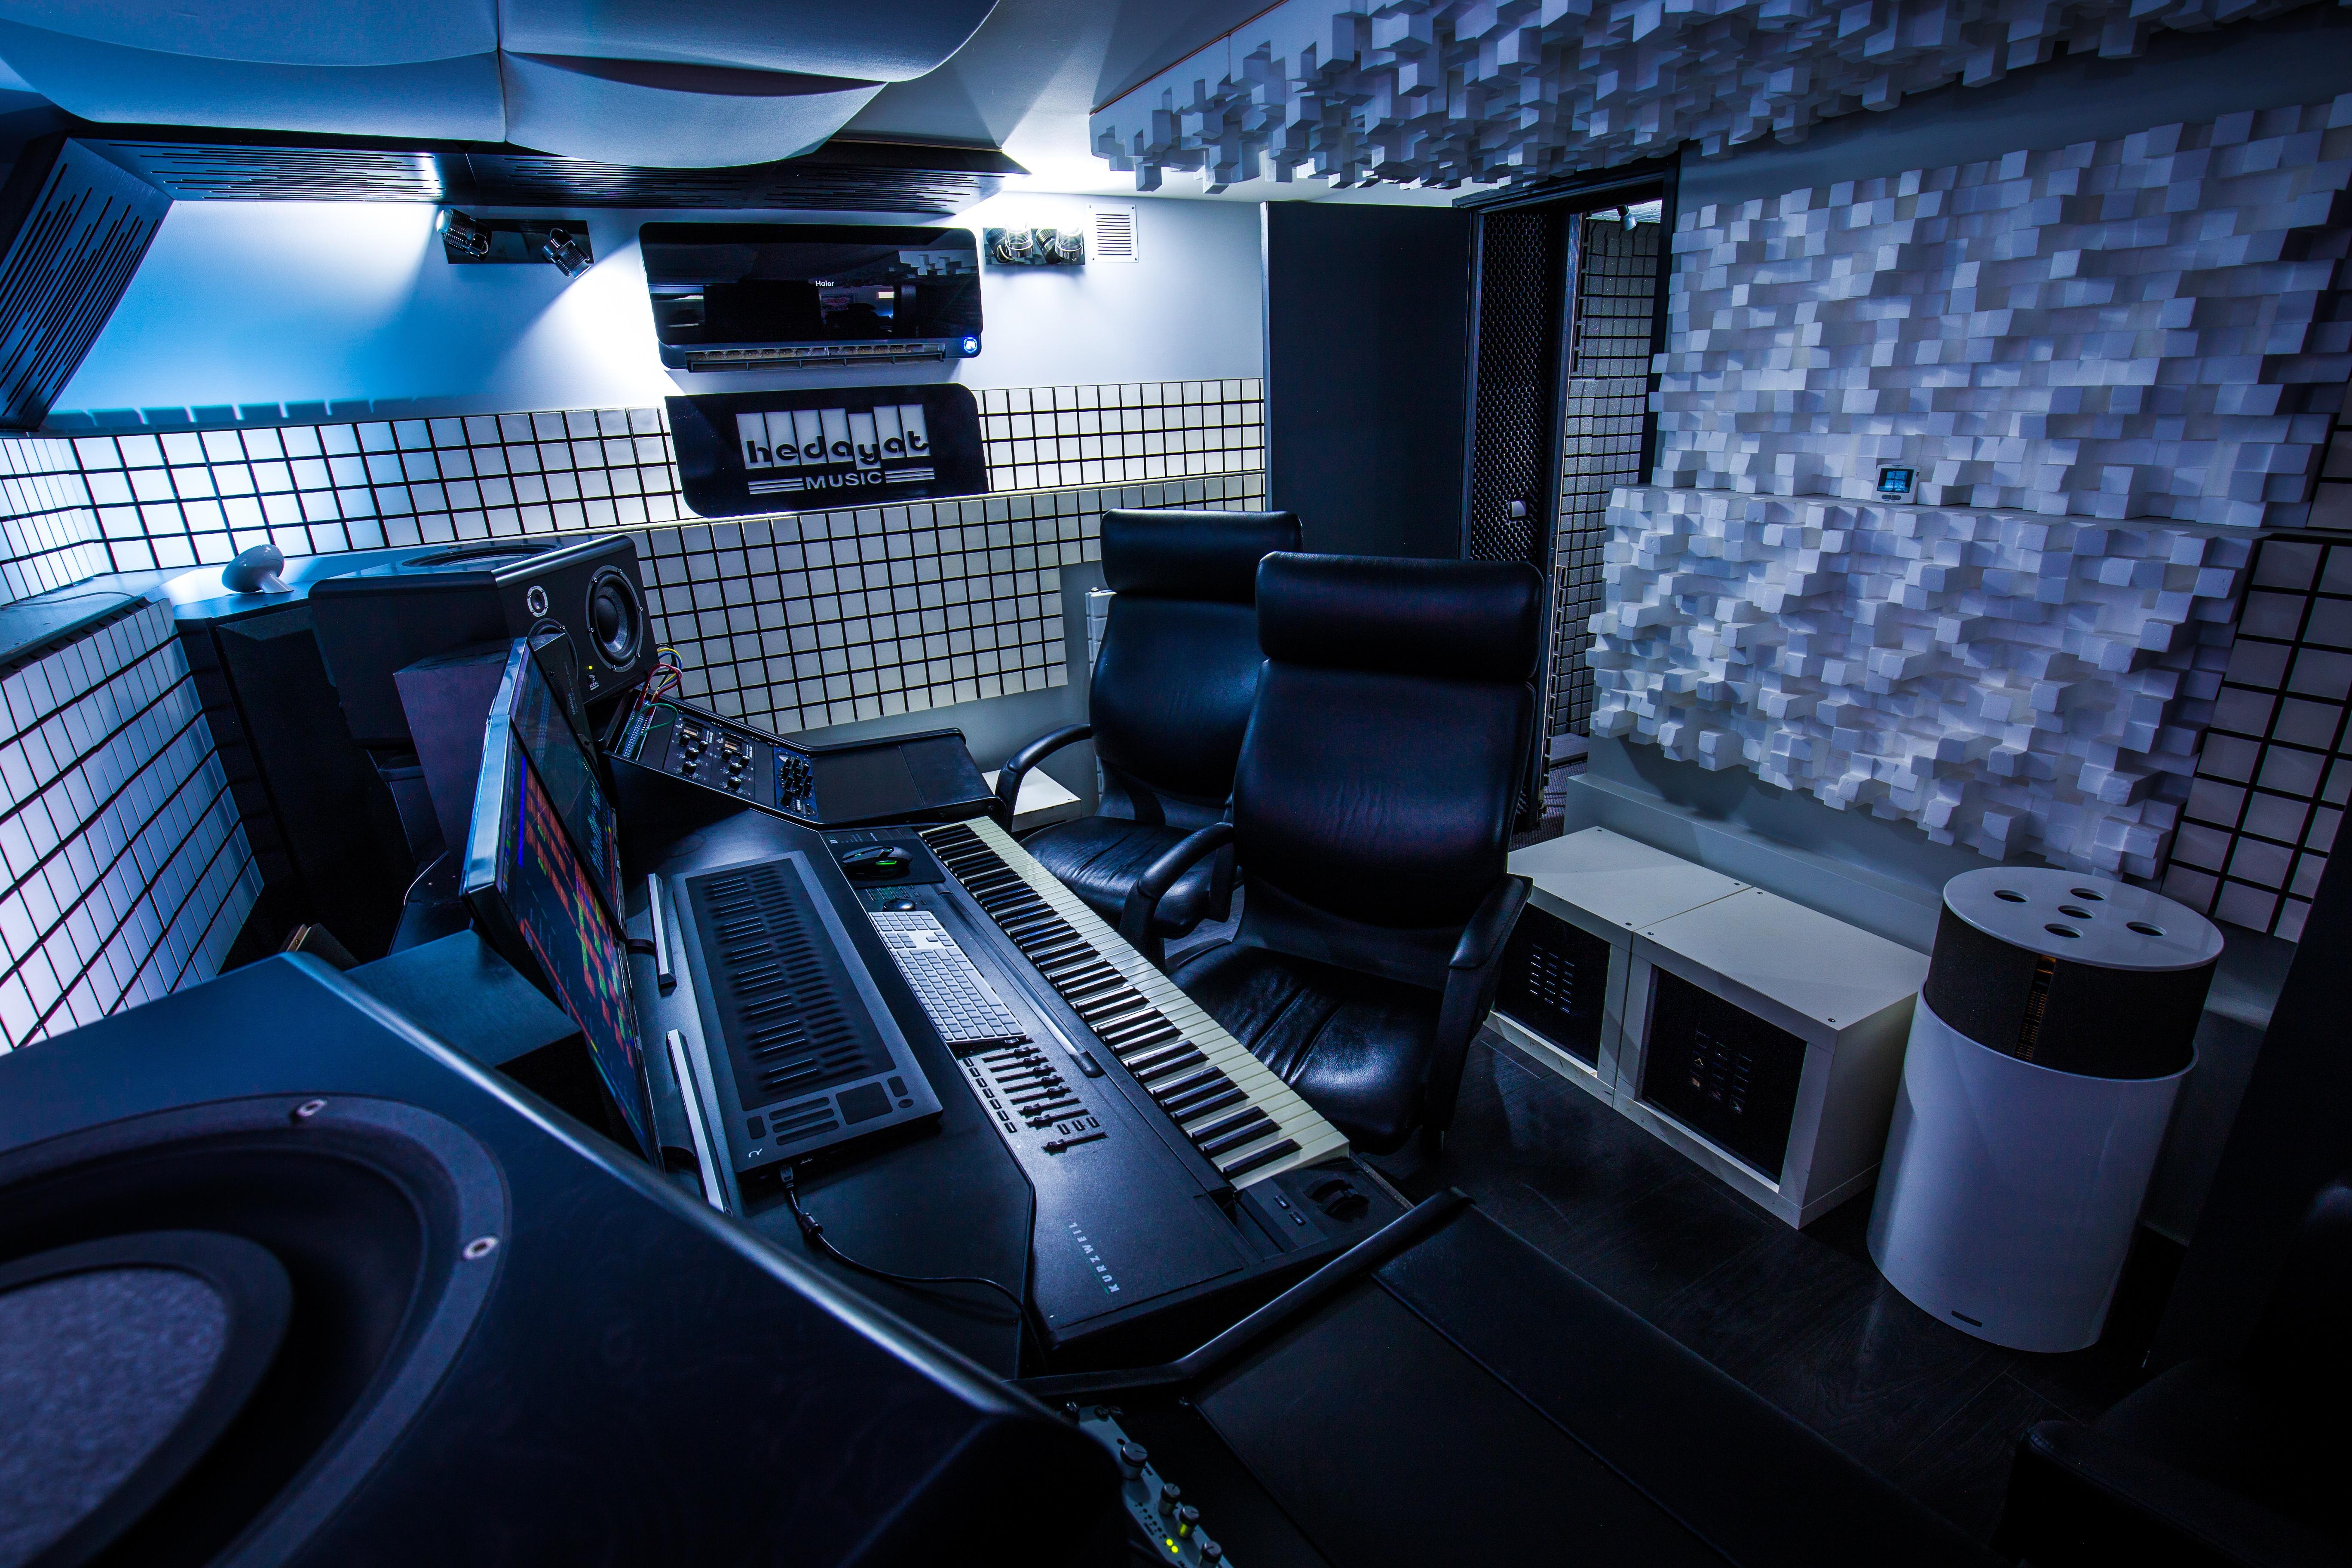 La régie / Mix room